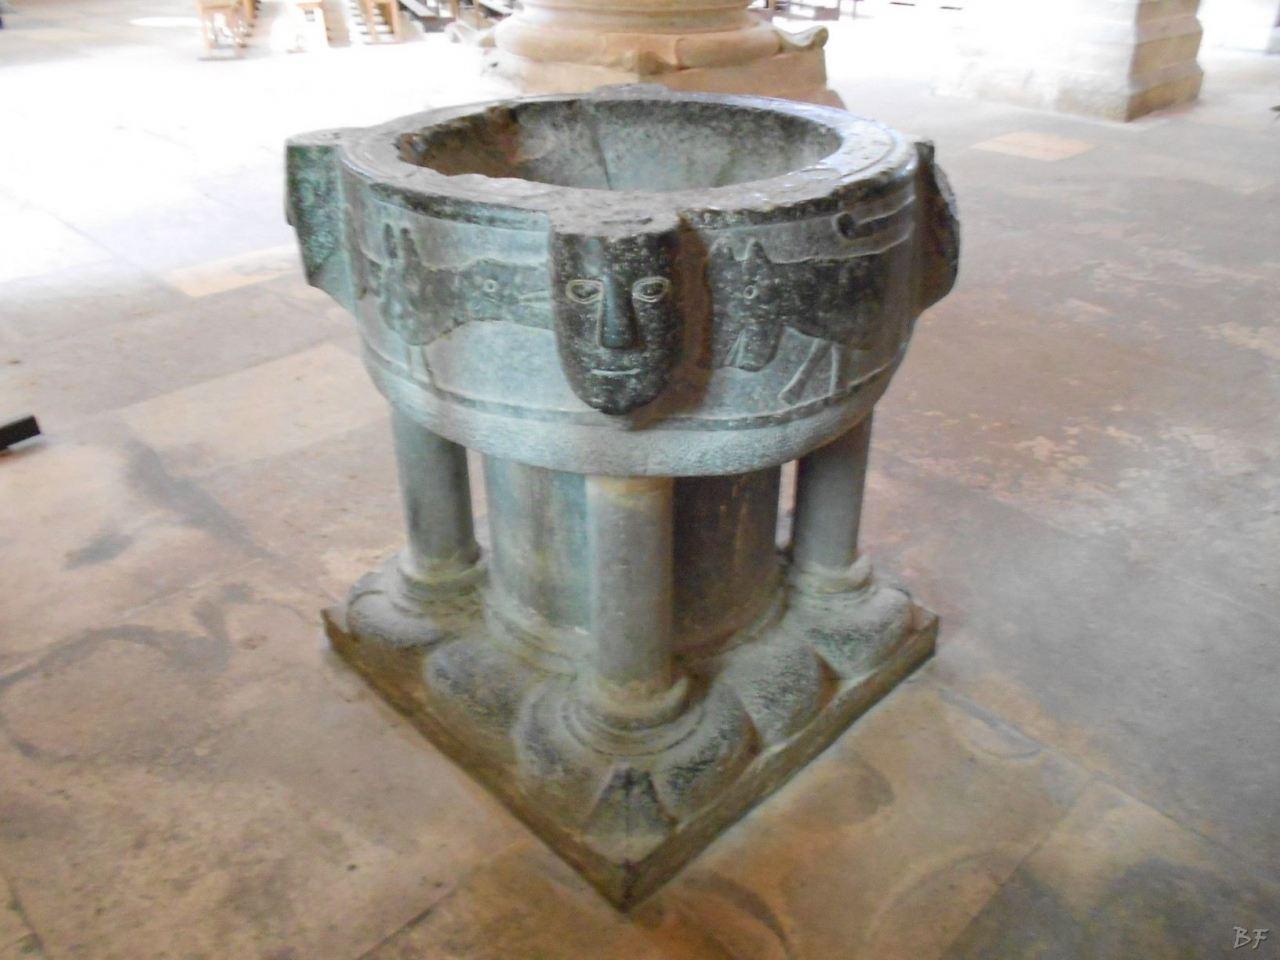 Cattedrale-Gotica-della-Vergine-di-Laon-Aisne-Hauts-de-France-39